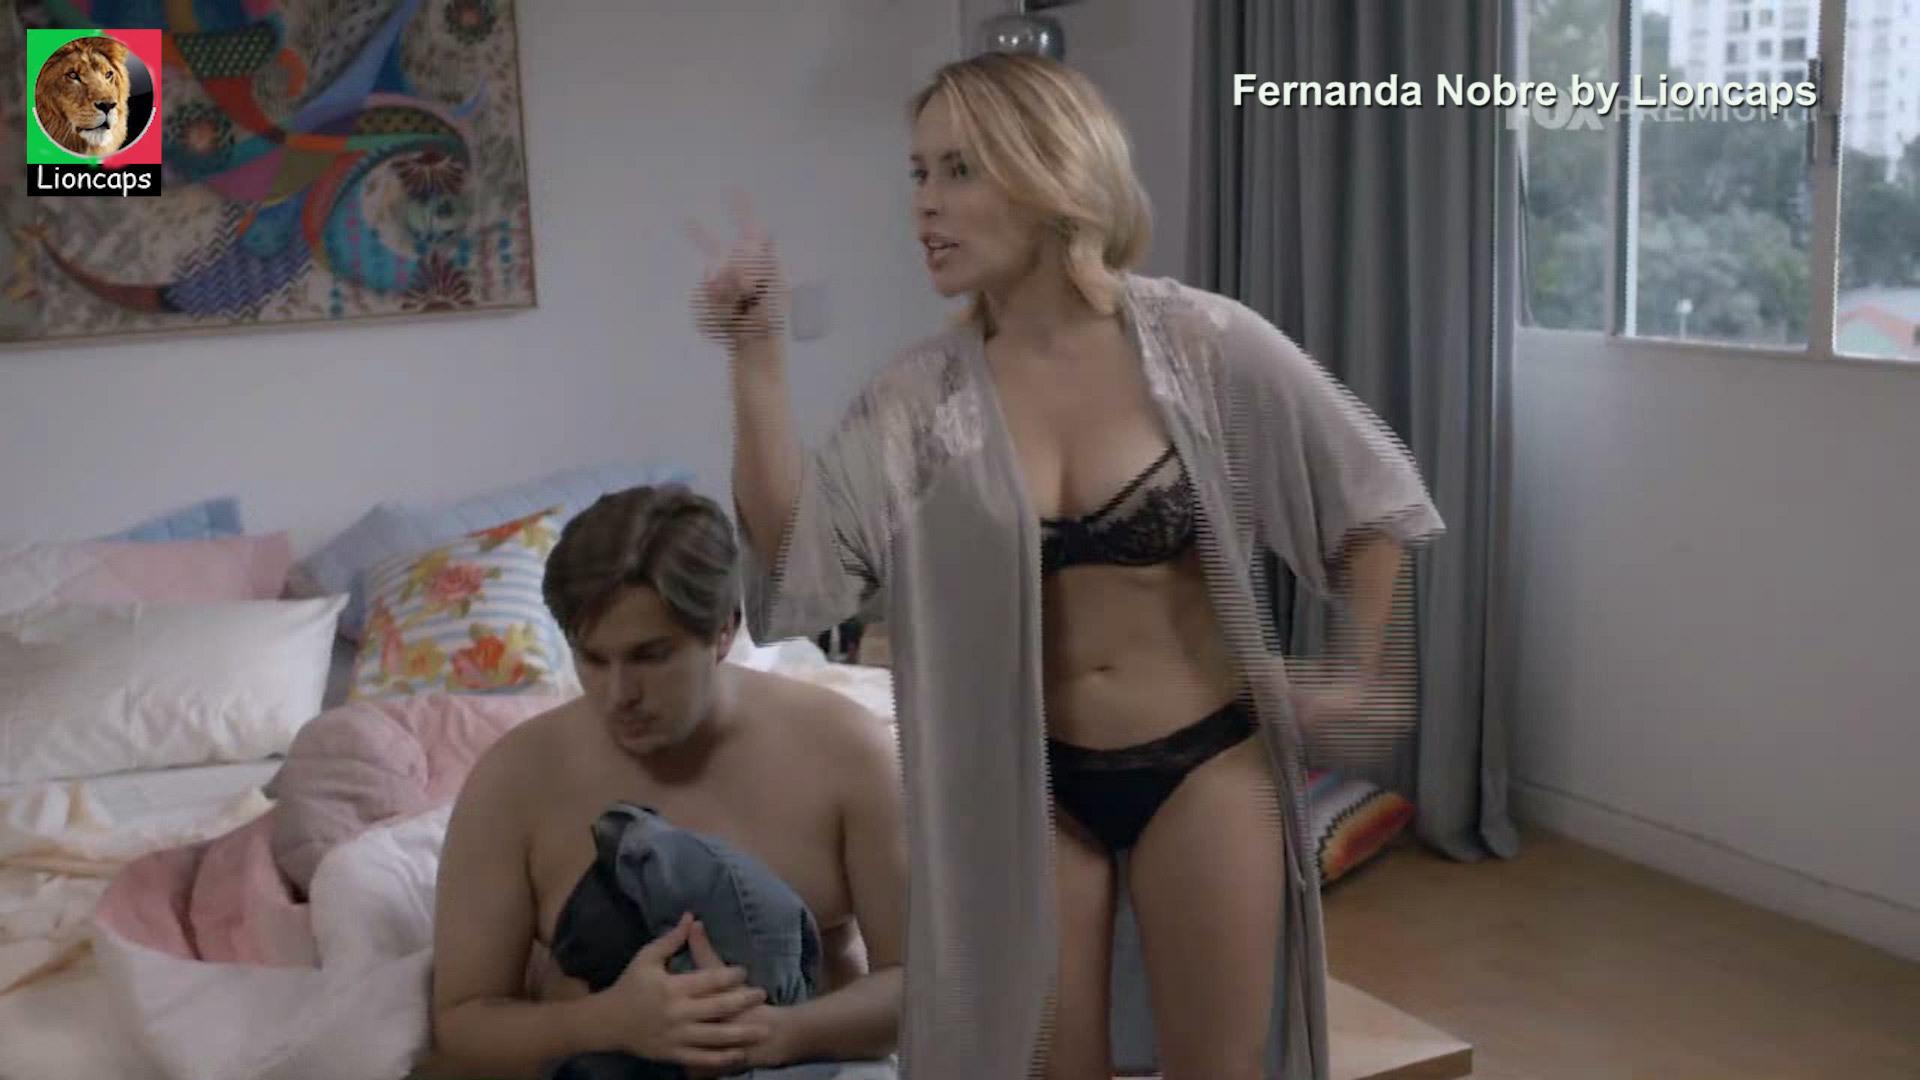 fernanda_nobre (4).jpg